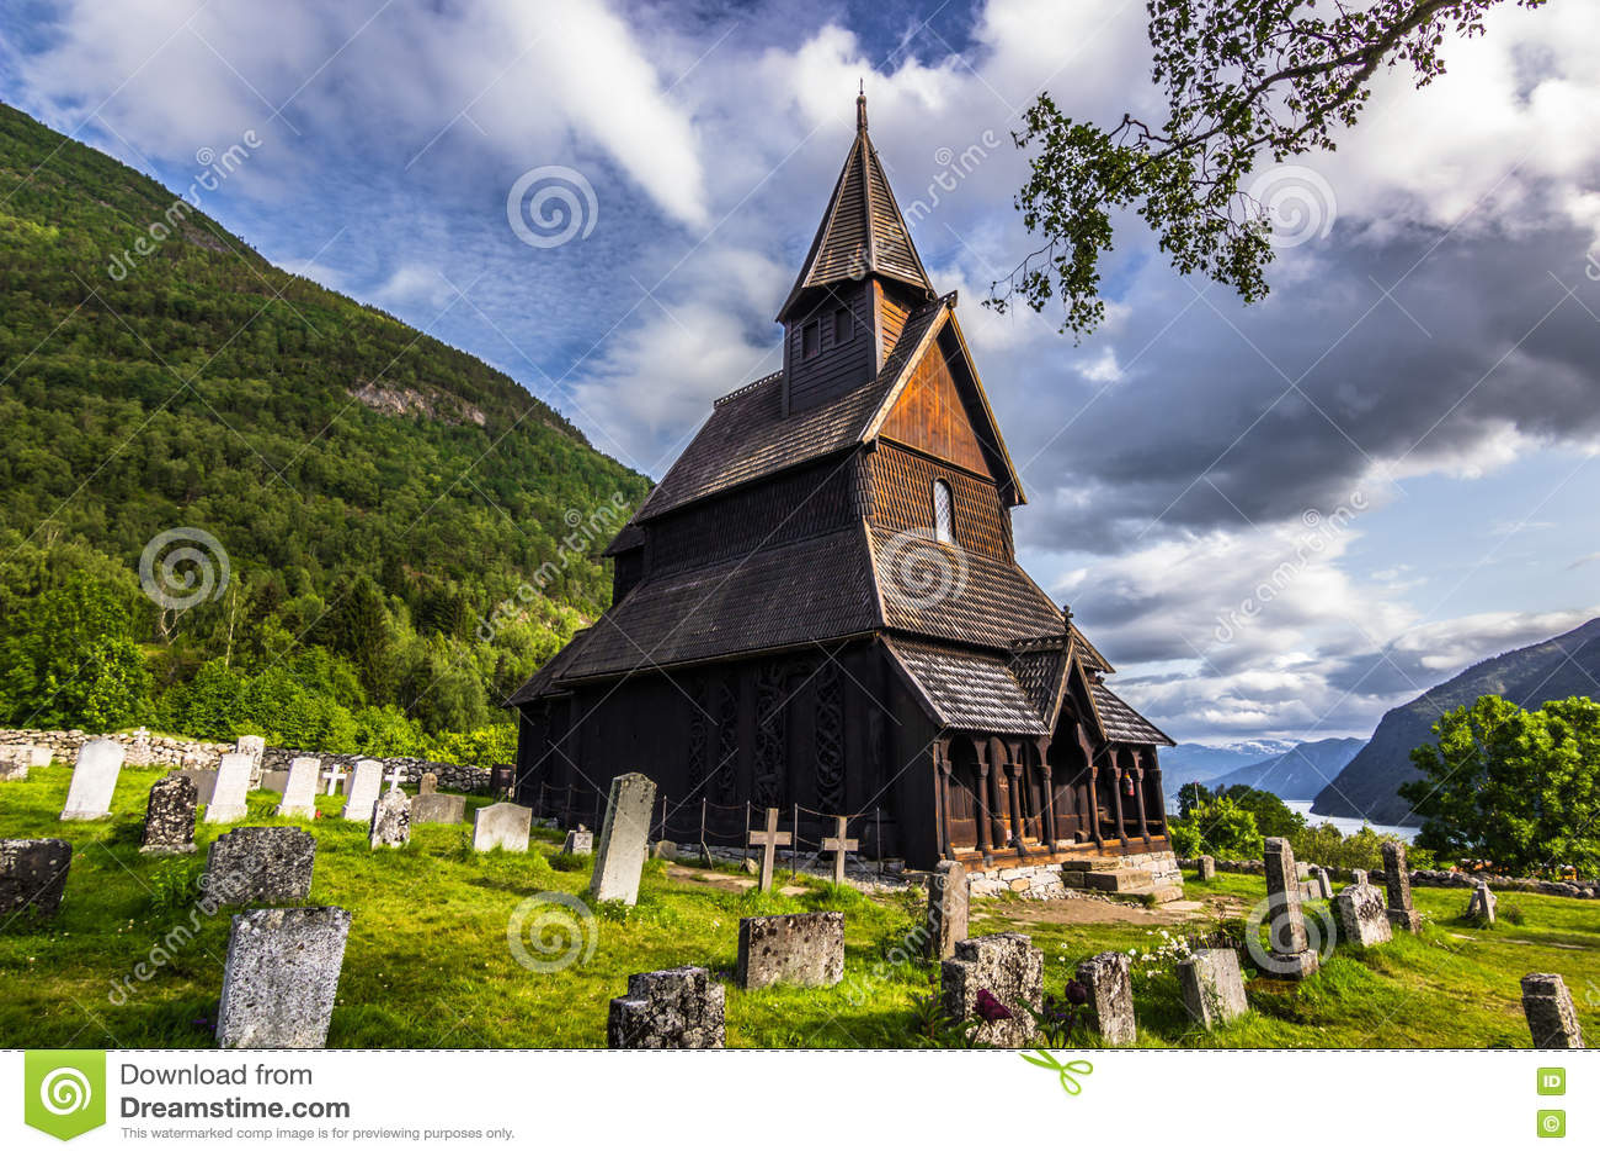 Urnes ударяет церковь, Норвегию